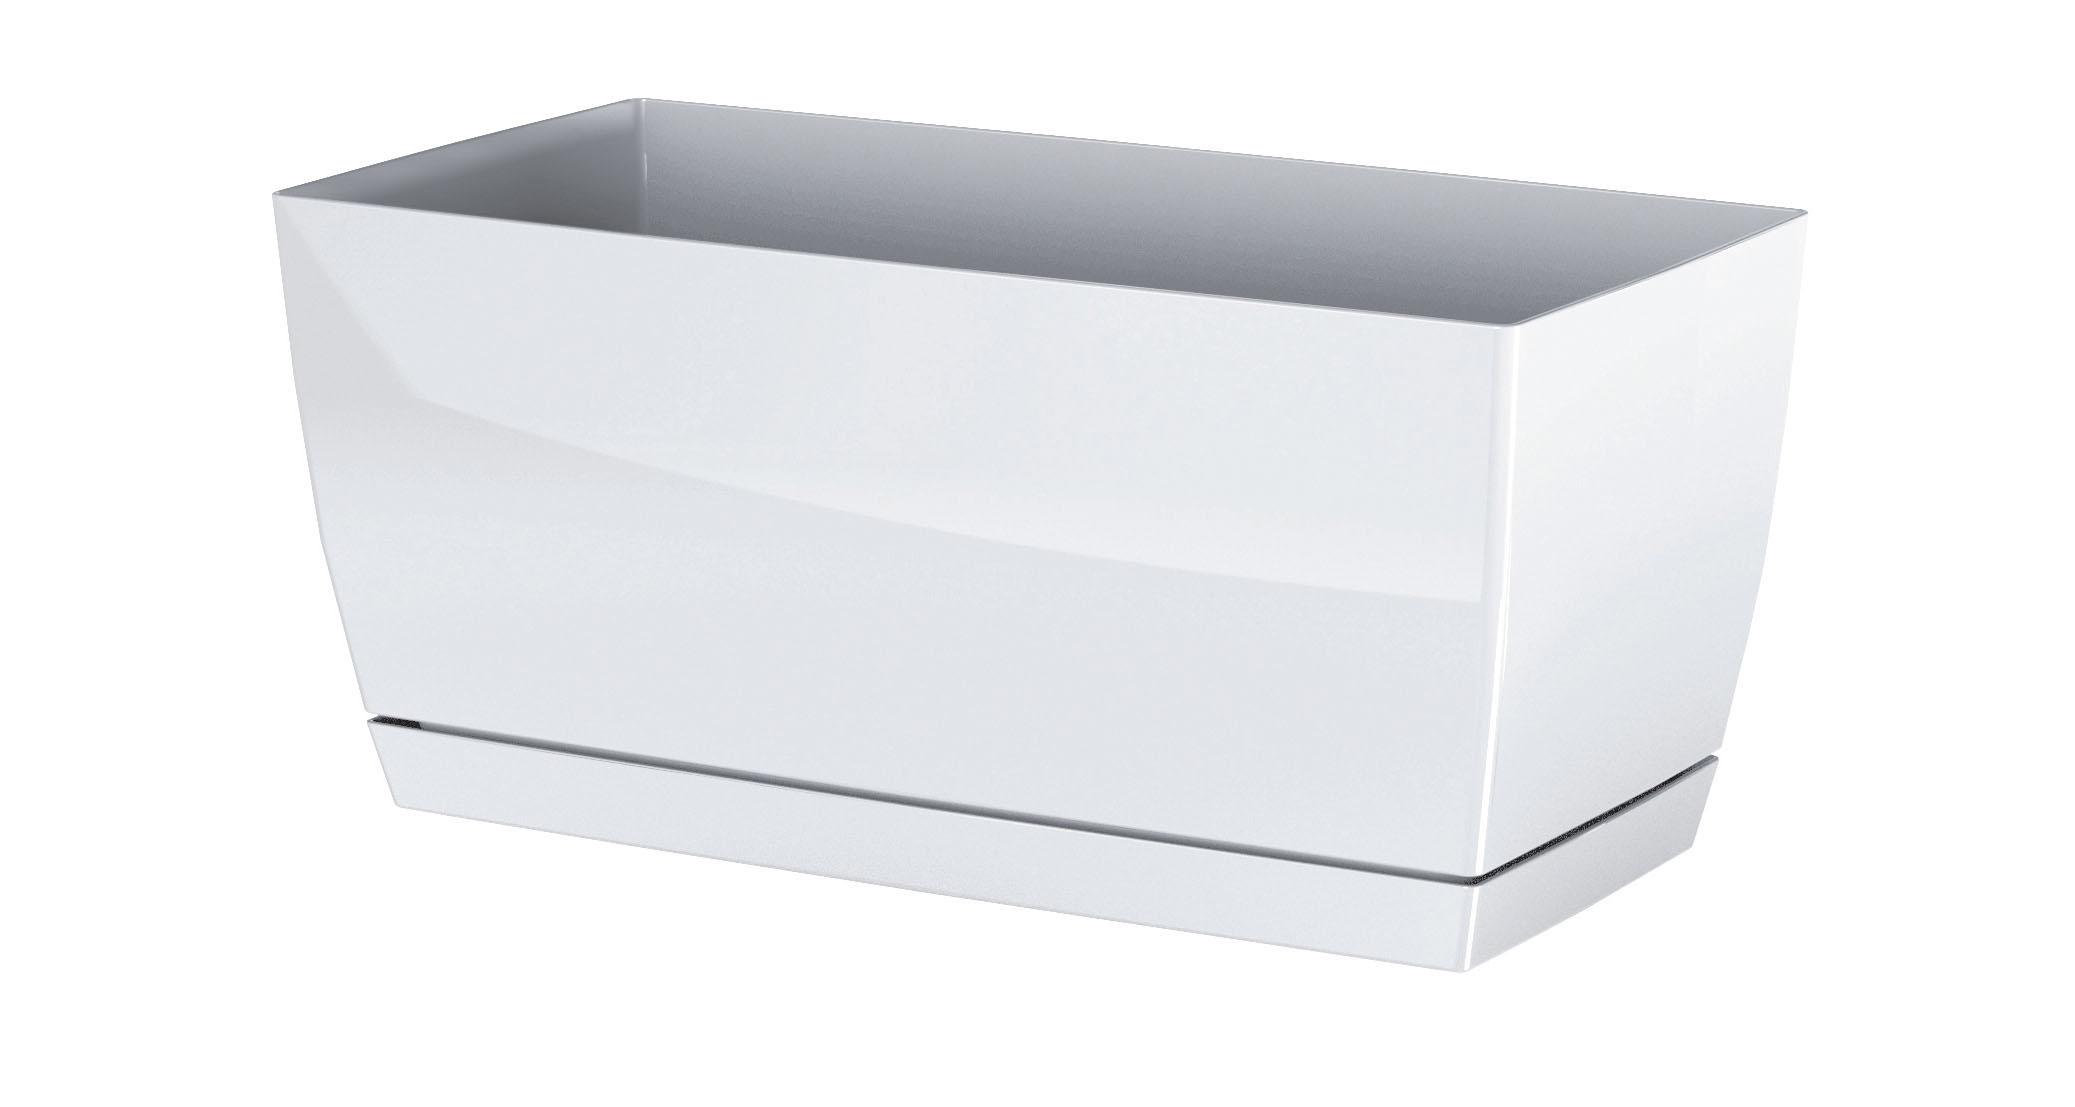 PROSPERPLAST Truhlík COUBI CASE P s miskou bílý 24cm